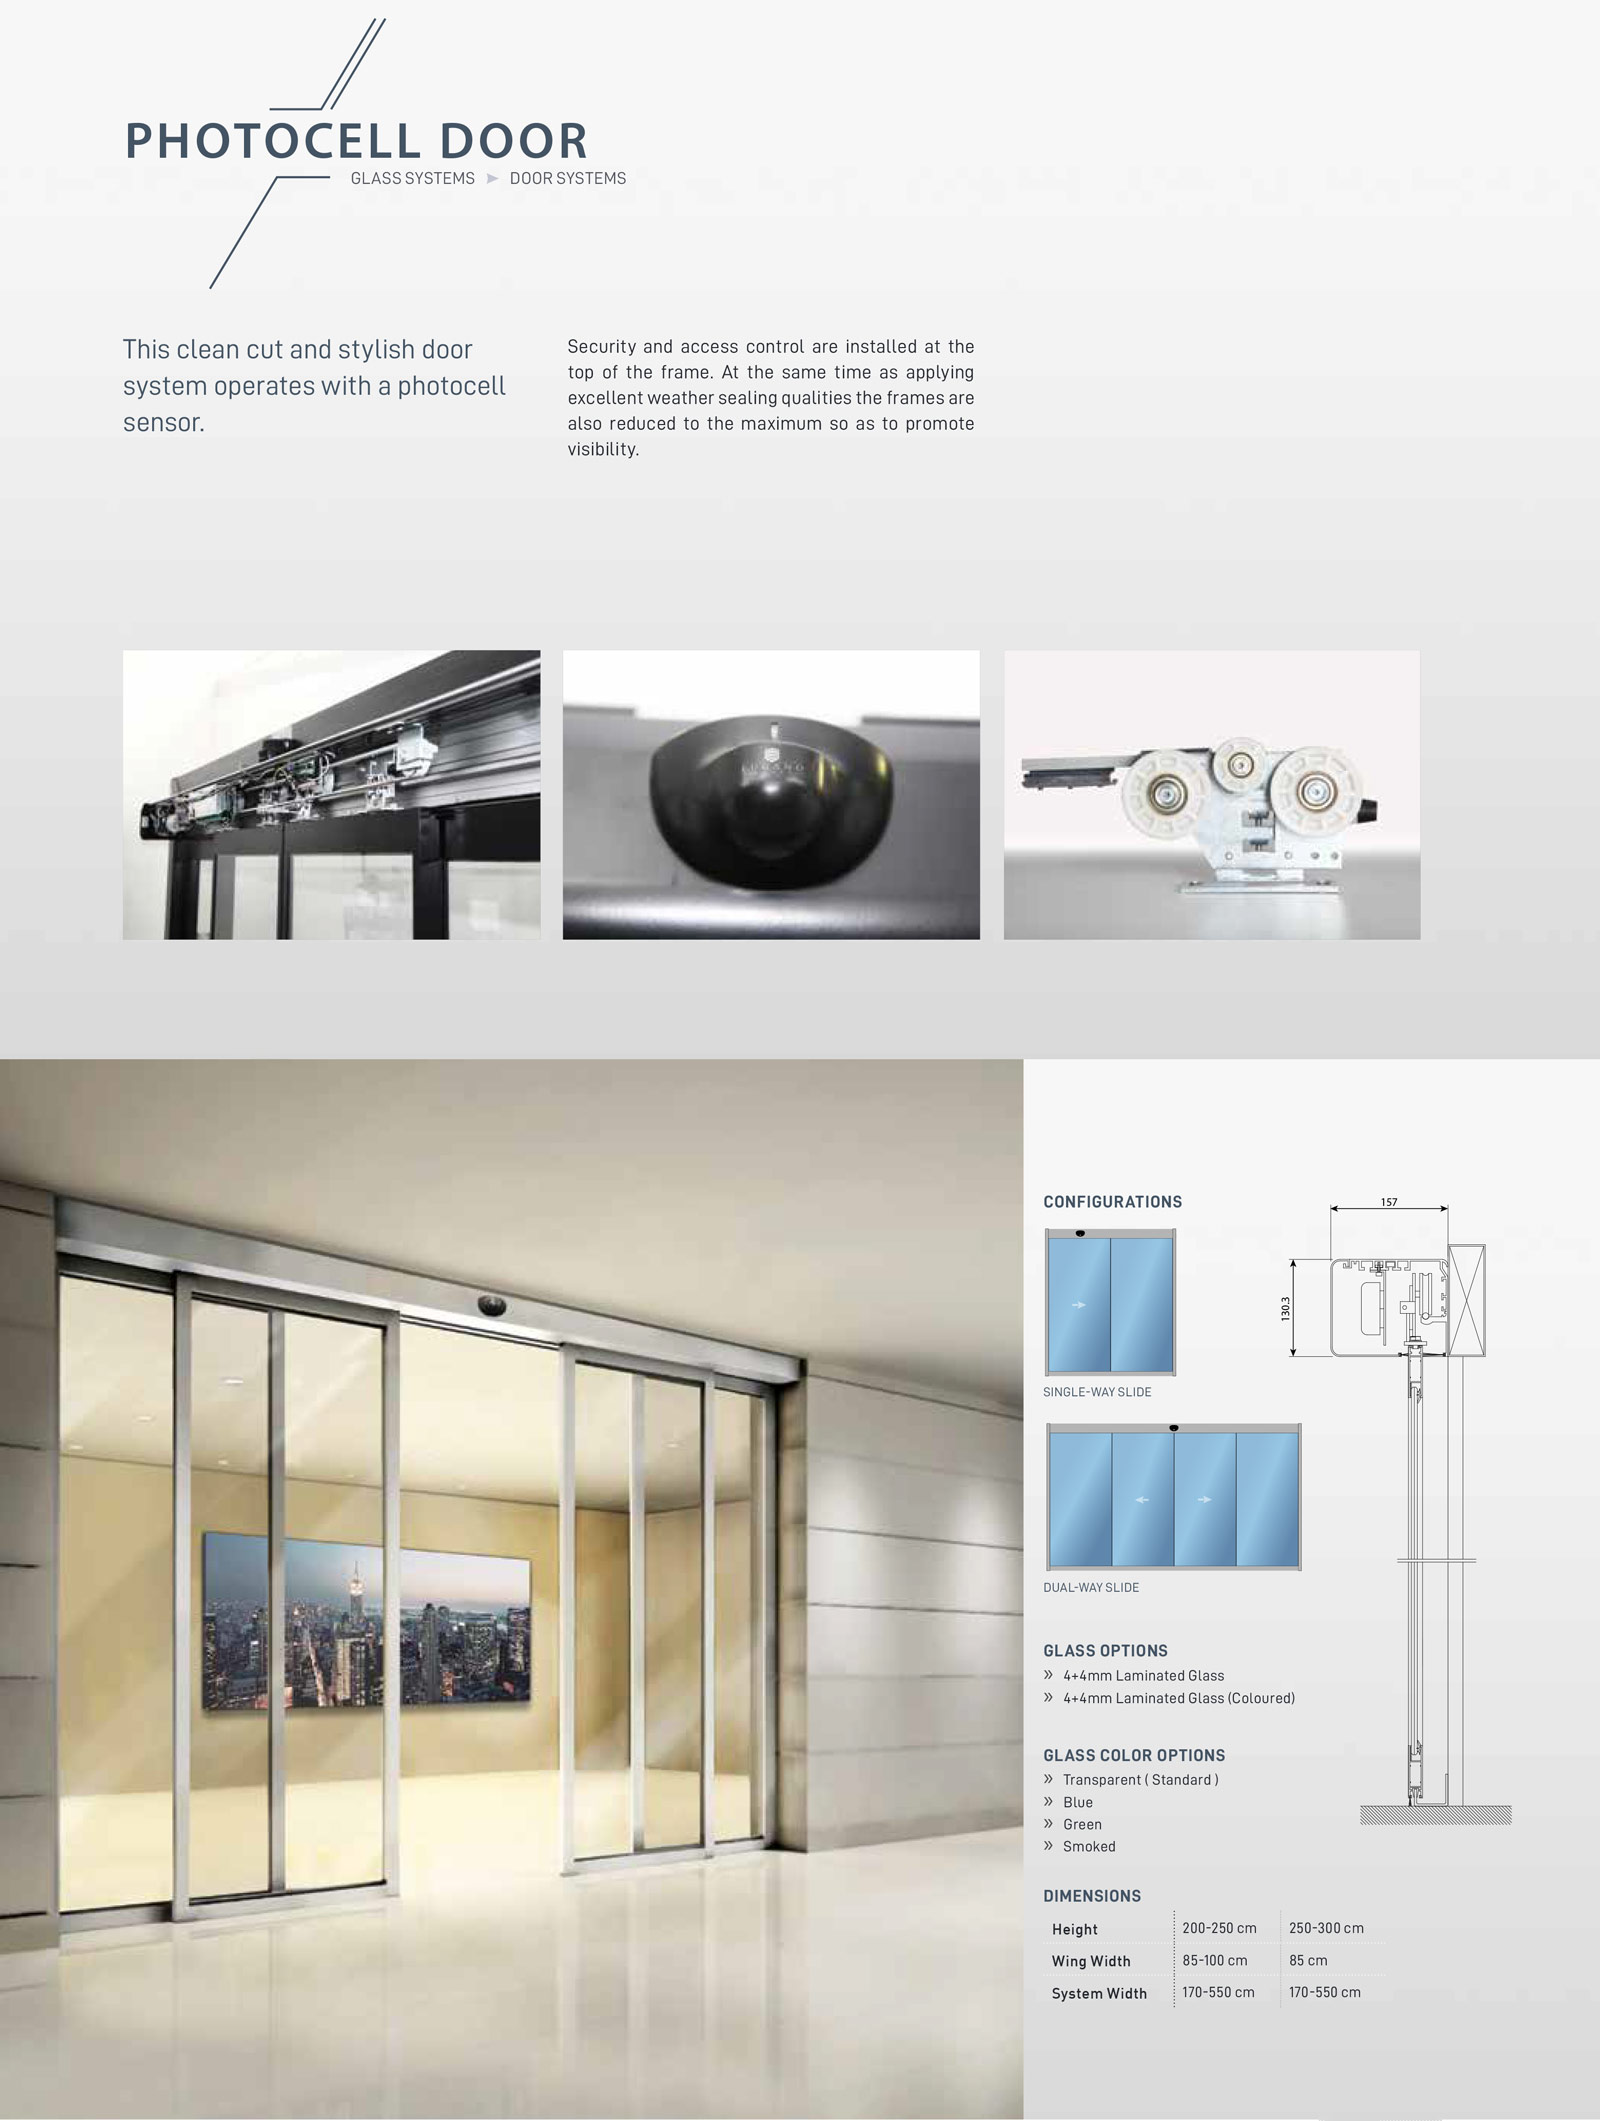 Photocell-Door